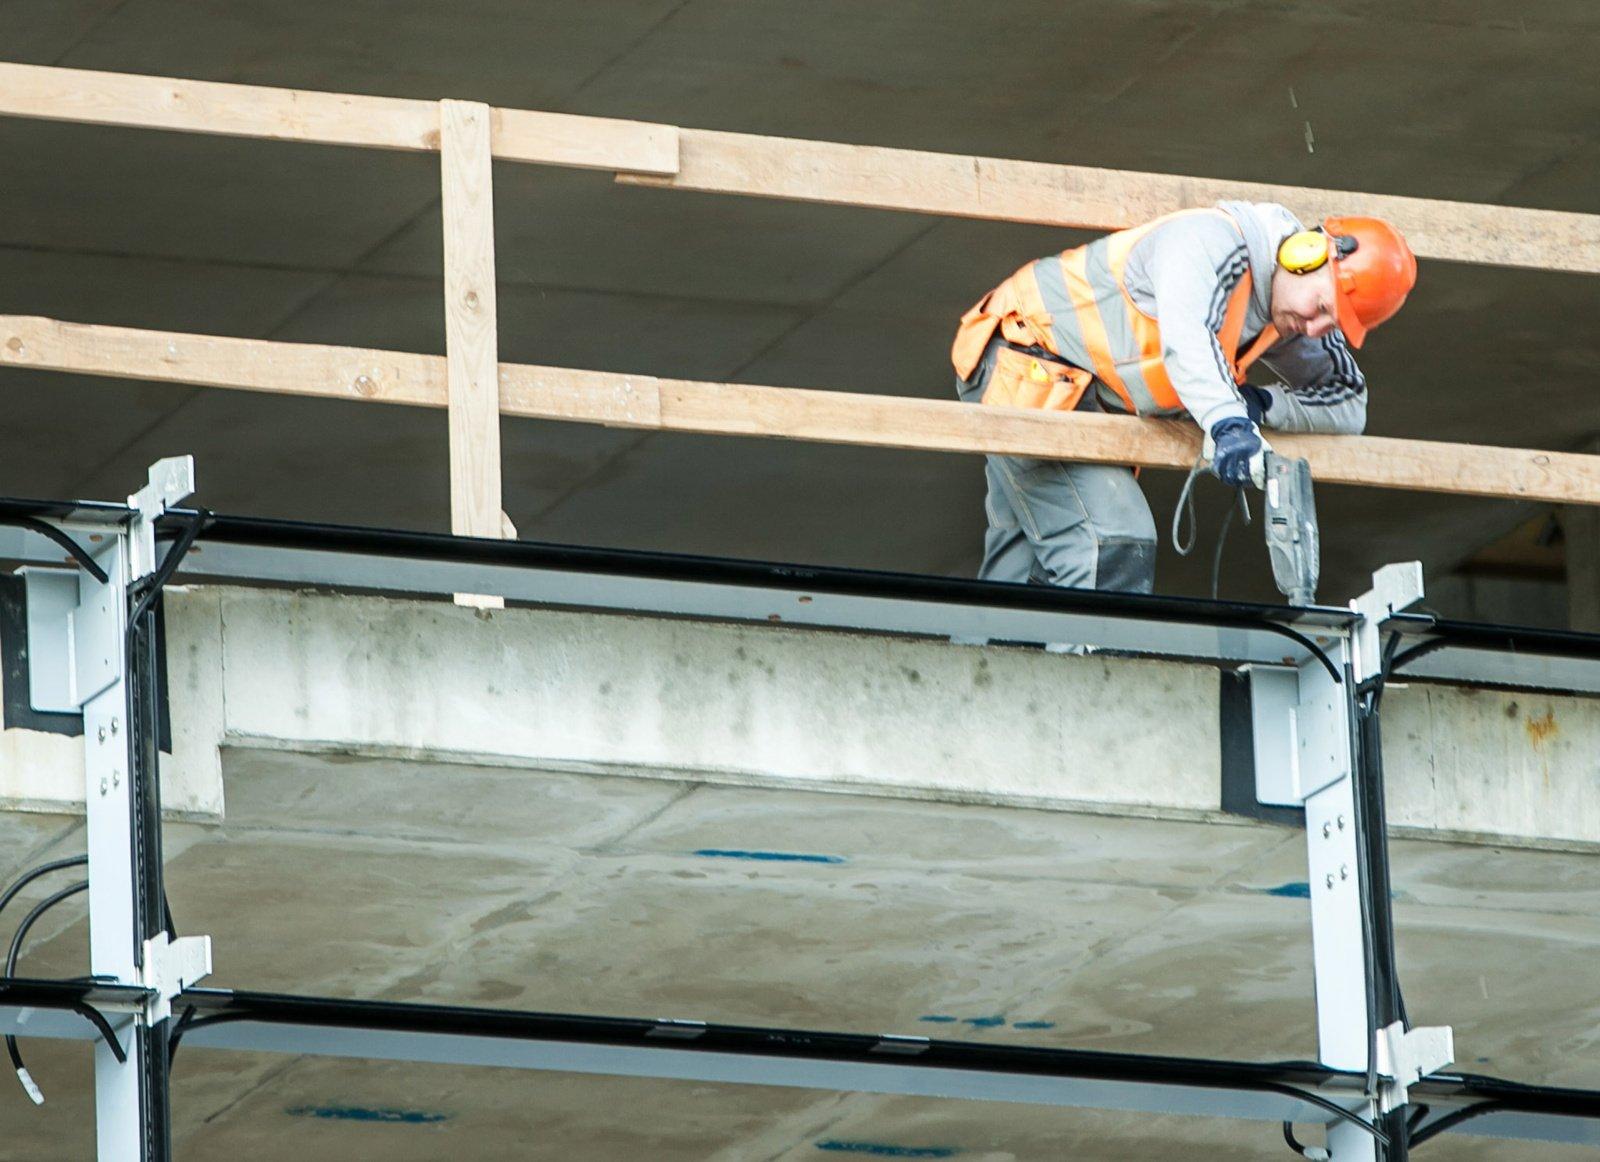 Ministerija pritarė siūlymui numatyti galimybę darbdaviui gauti subsidijas už darbuotojus, įdarbintus po karantino paskelbimo dienos